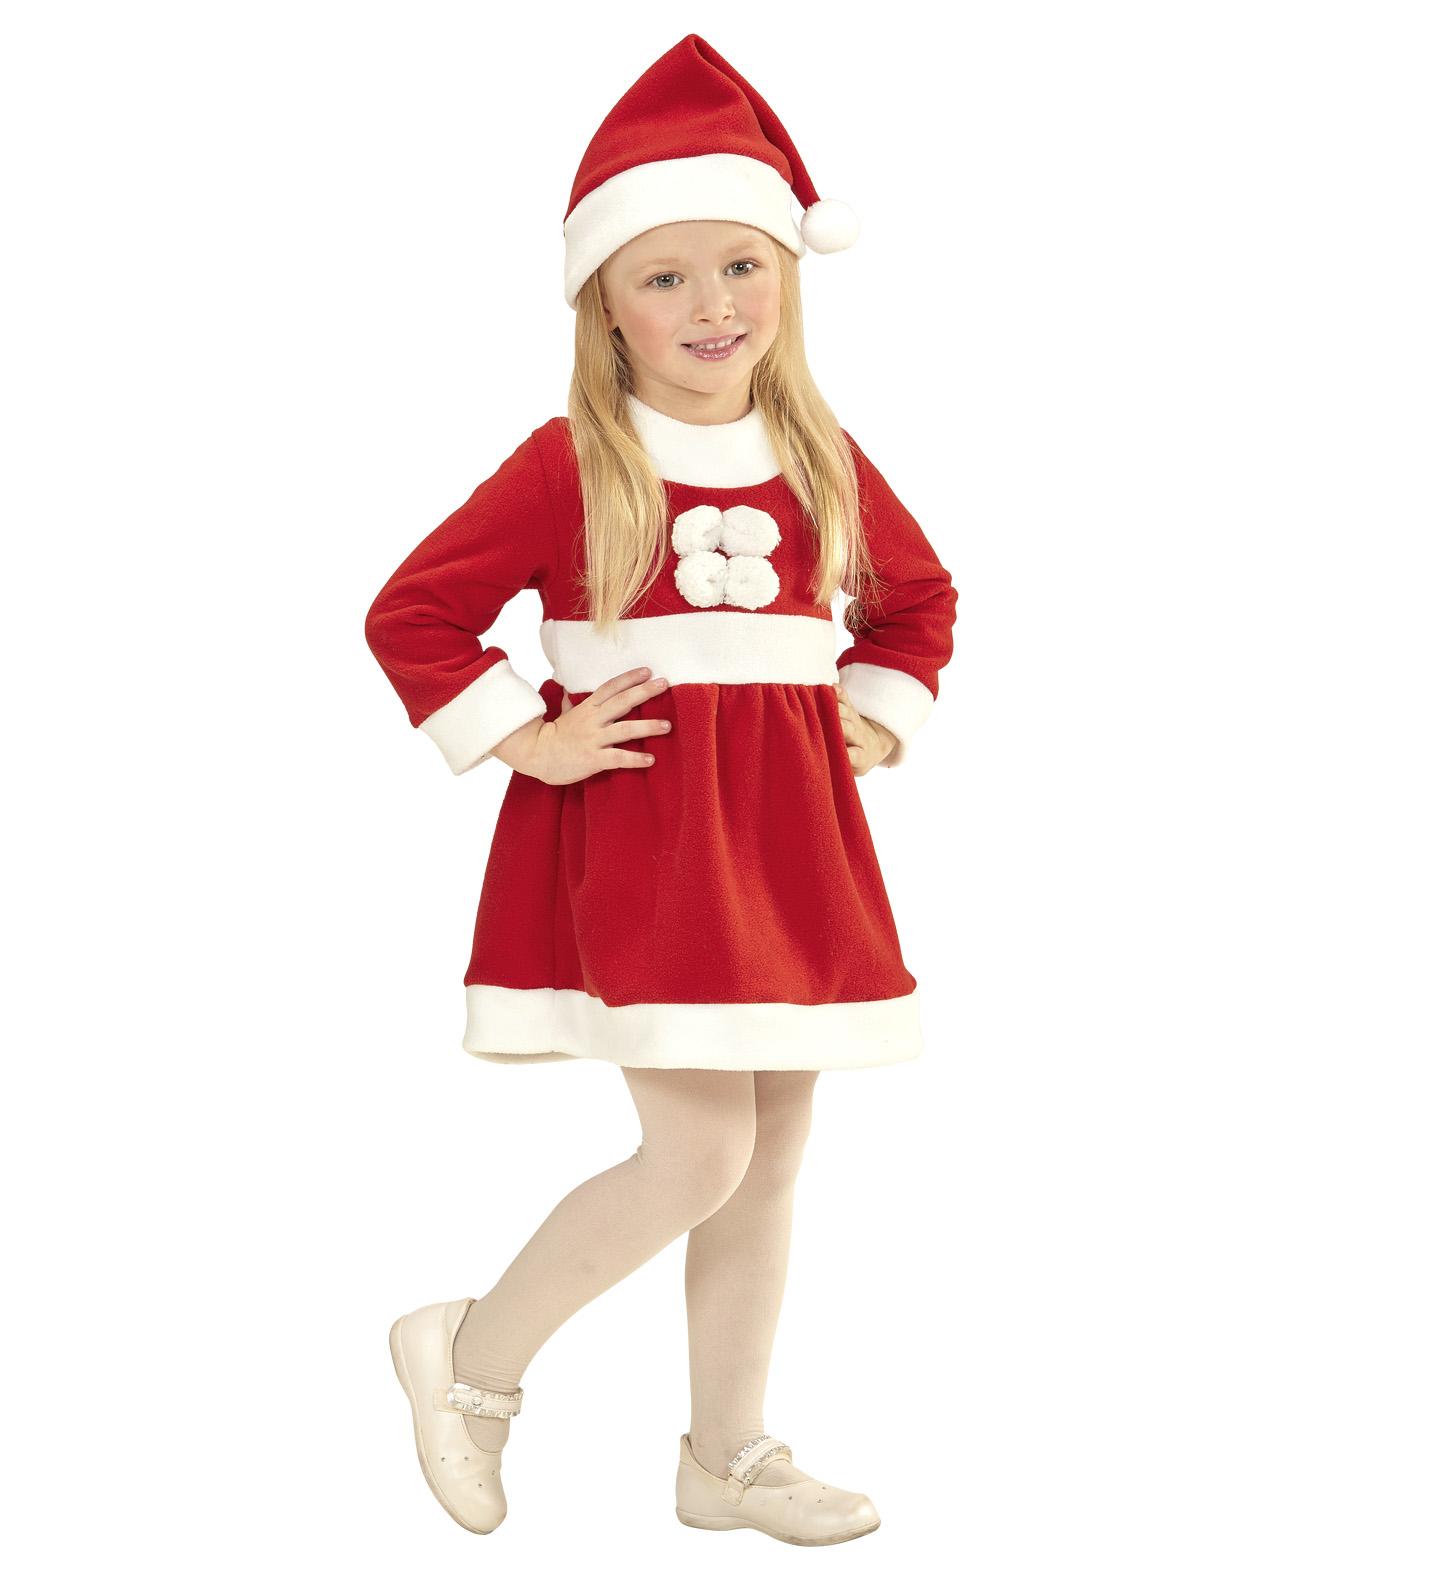 Qinngsha Weihnachten Kleinkind Kinder Baby M/ädchen rot kariert Weihnachten Lotus Spitze Kleid Prinzessin Party Tutu Kleider Herbst Winter Outfits